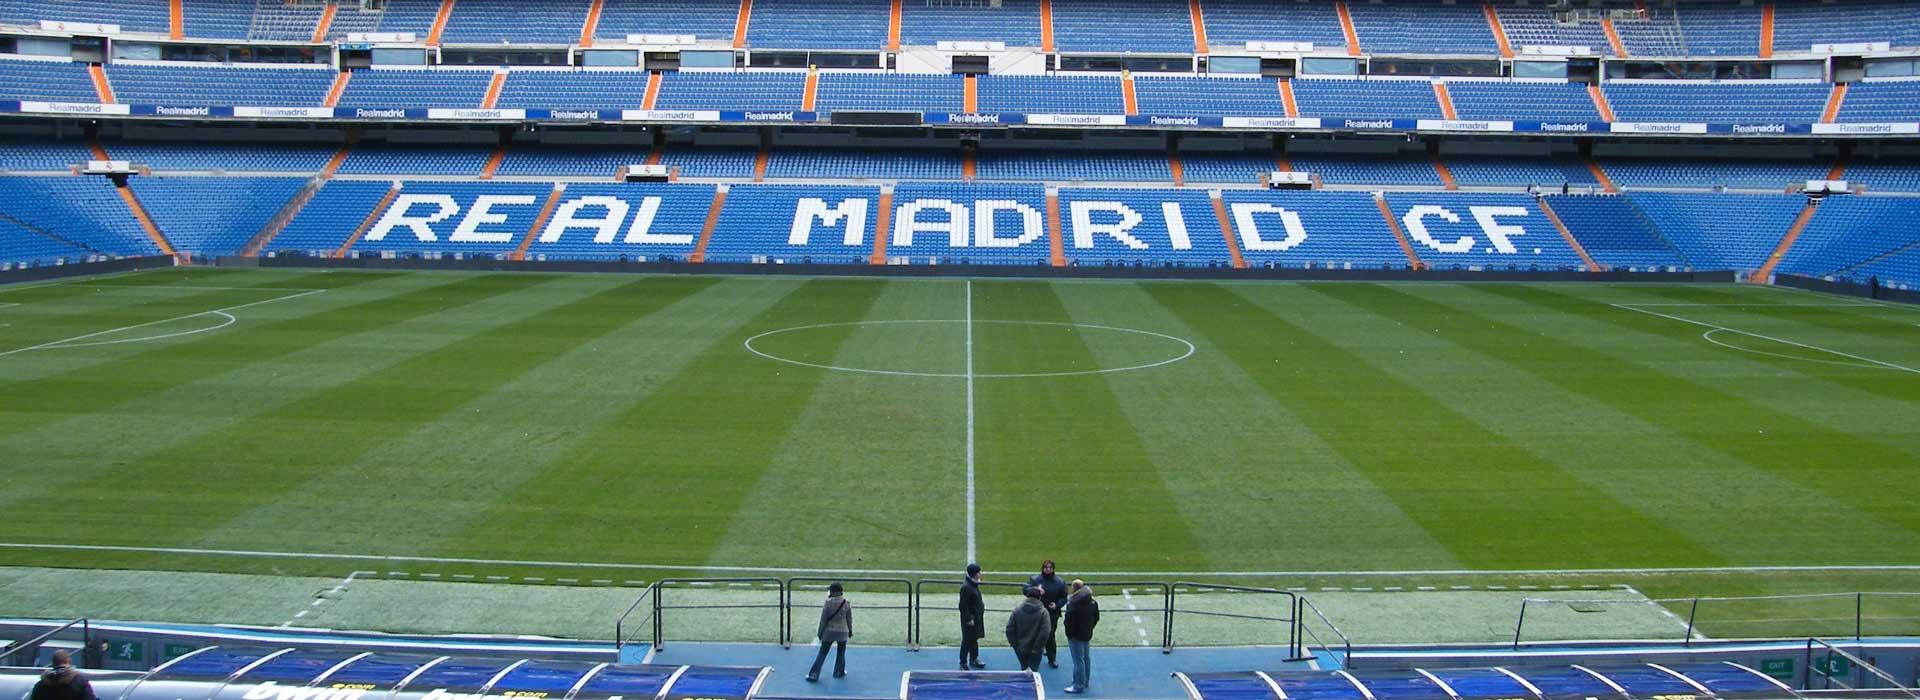 Real Madrid vs CD Leganes 28/04/2018 | Football Ticket Net